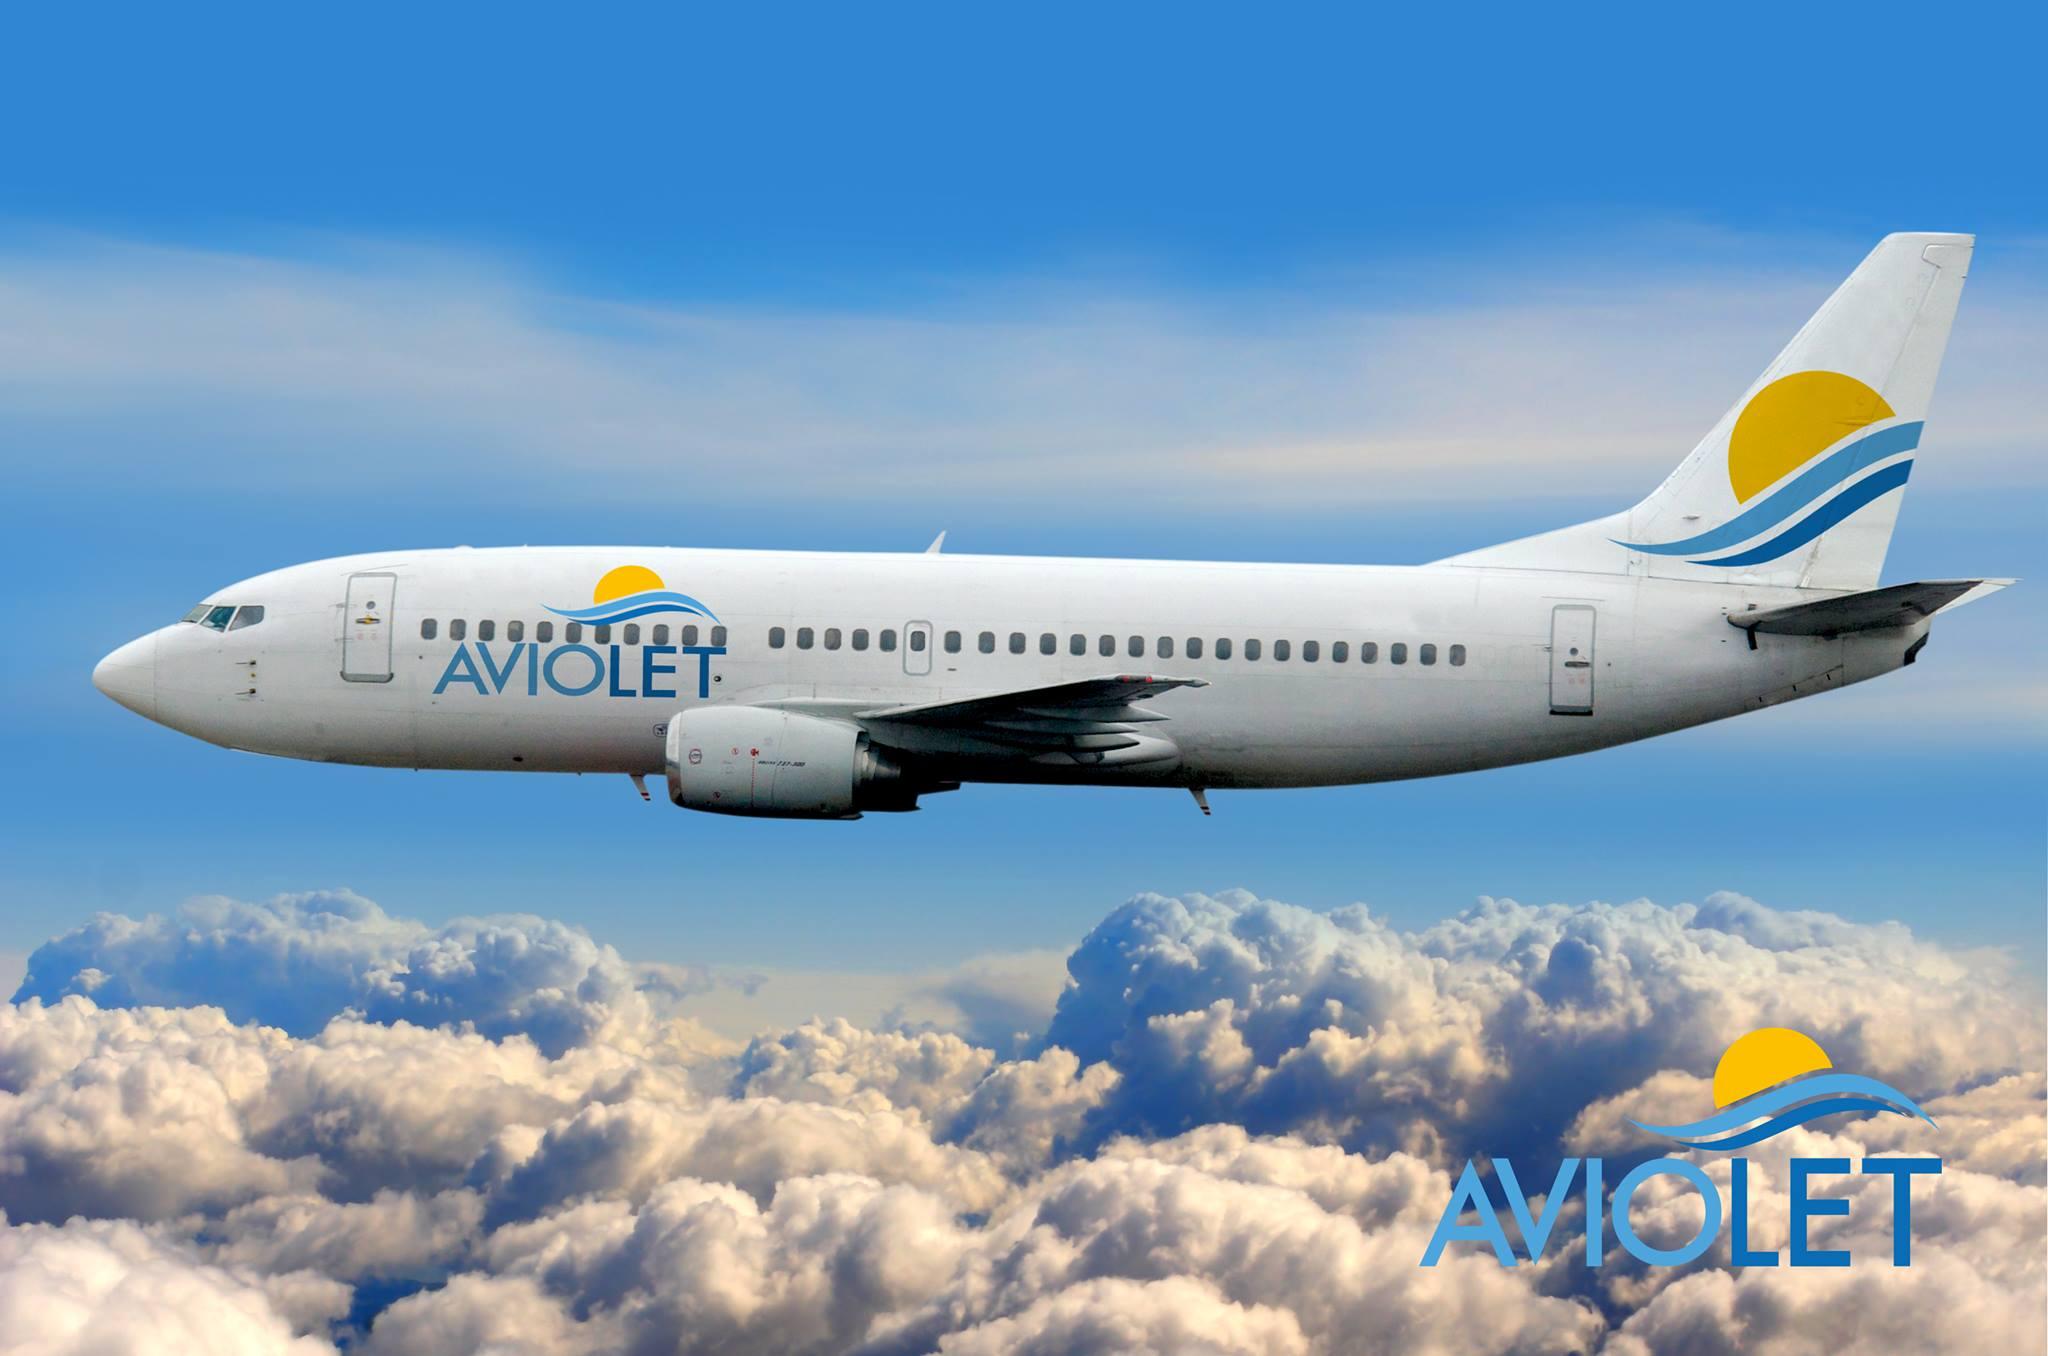 Aviolet 737-300